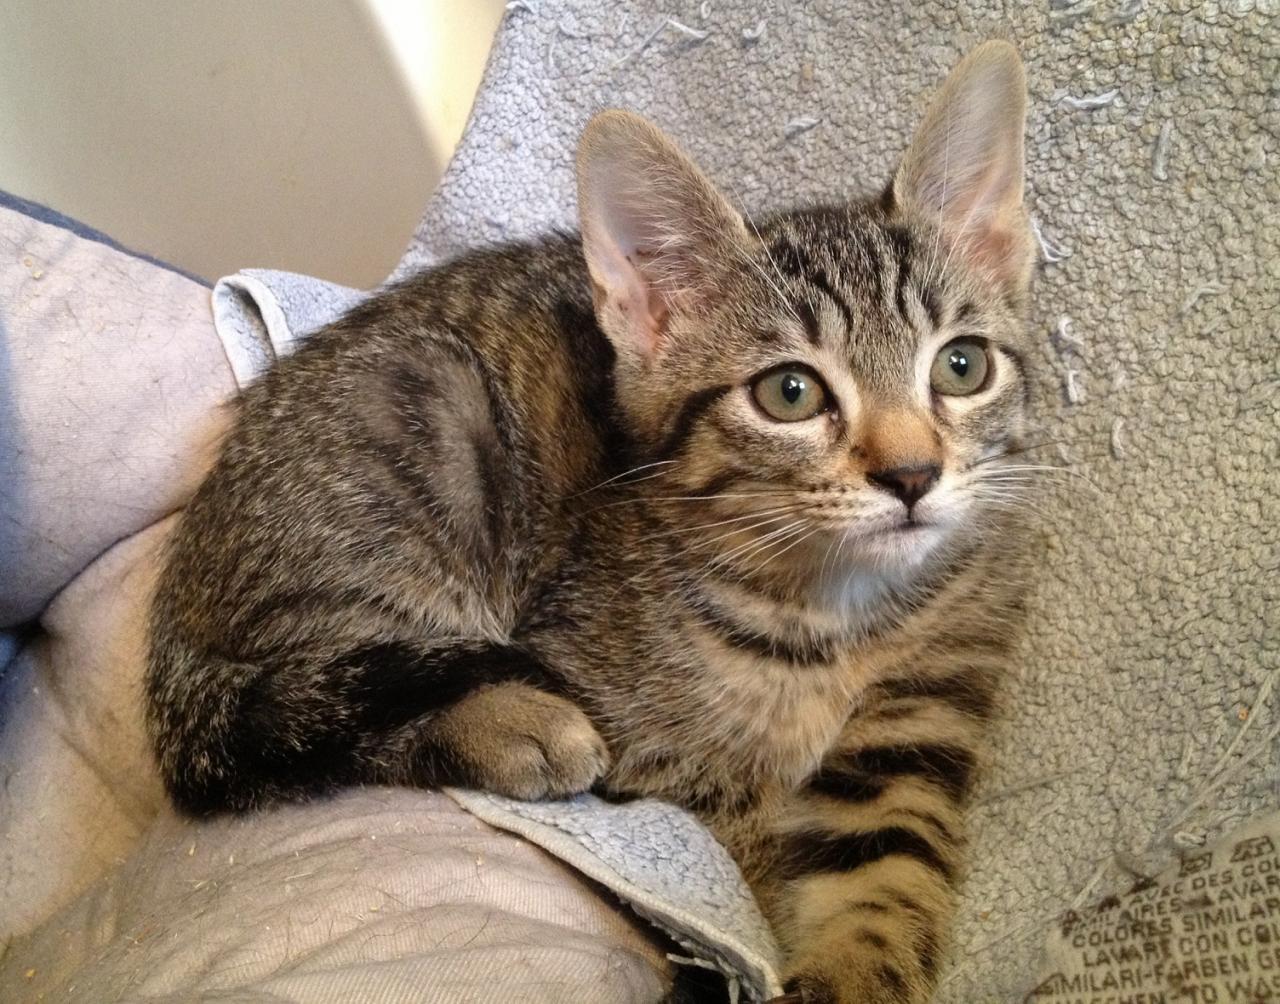 JAKALINE - F - Née le 20/06/2014 - Adoptée en novembre 2014